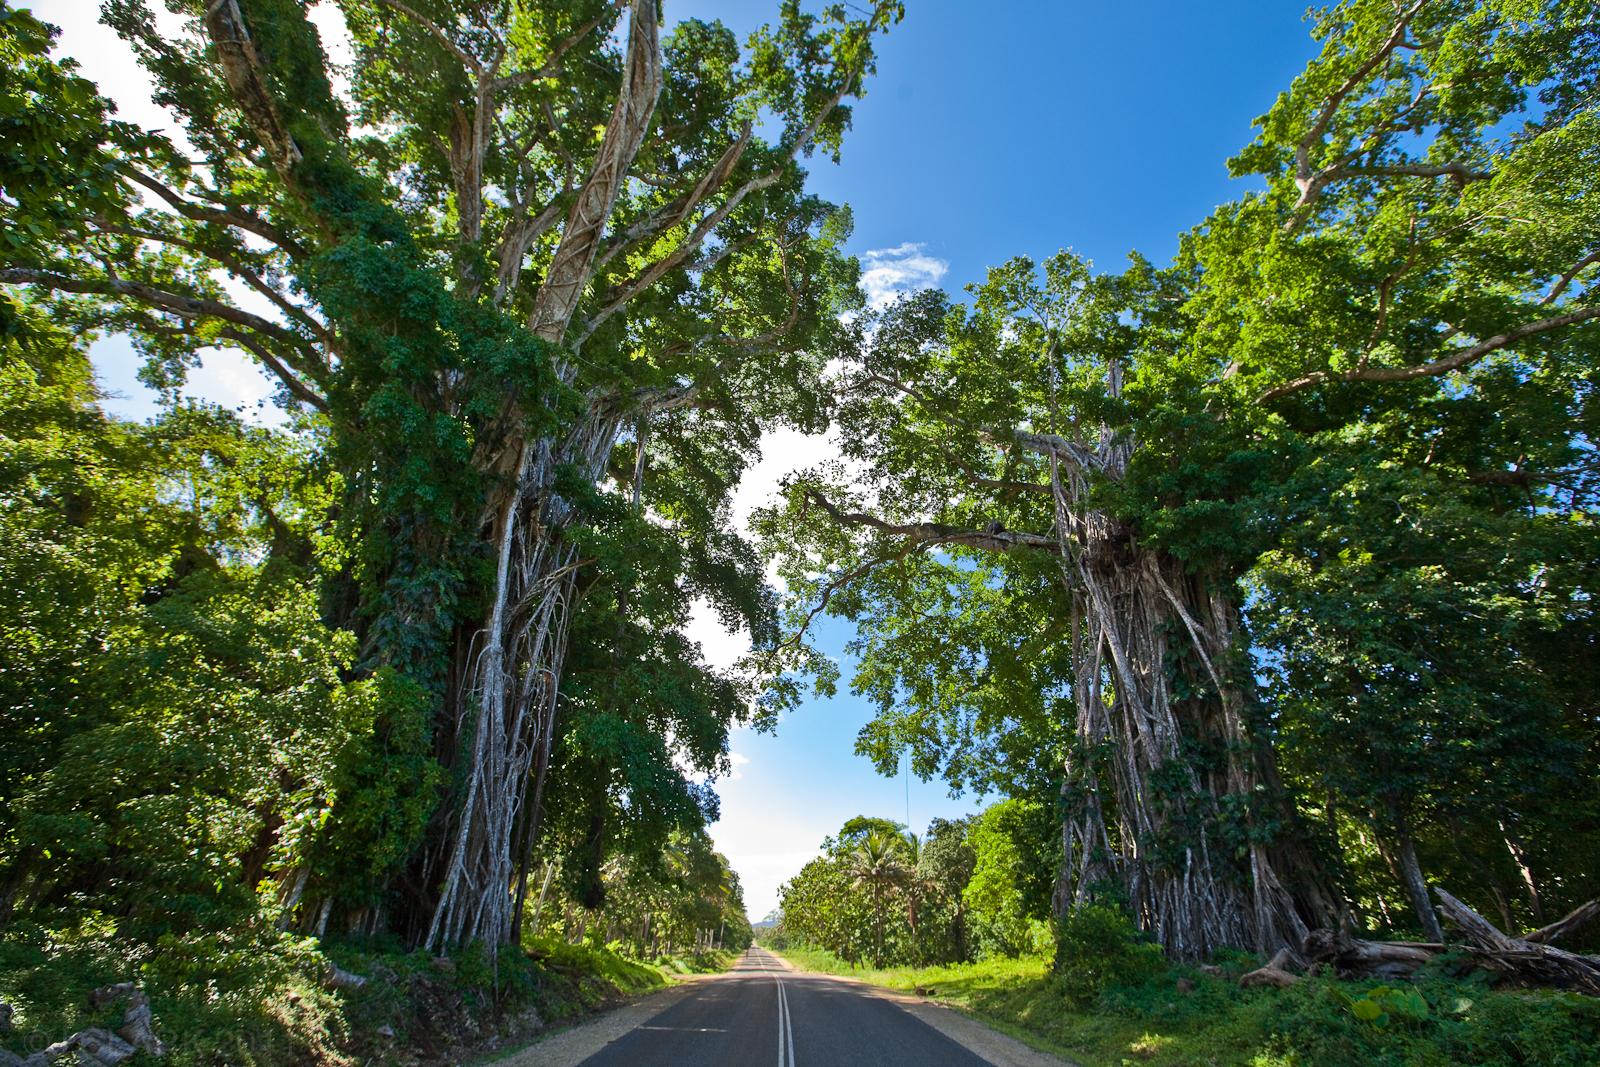 BANYANS TREES ON EFATE, VANUATU